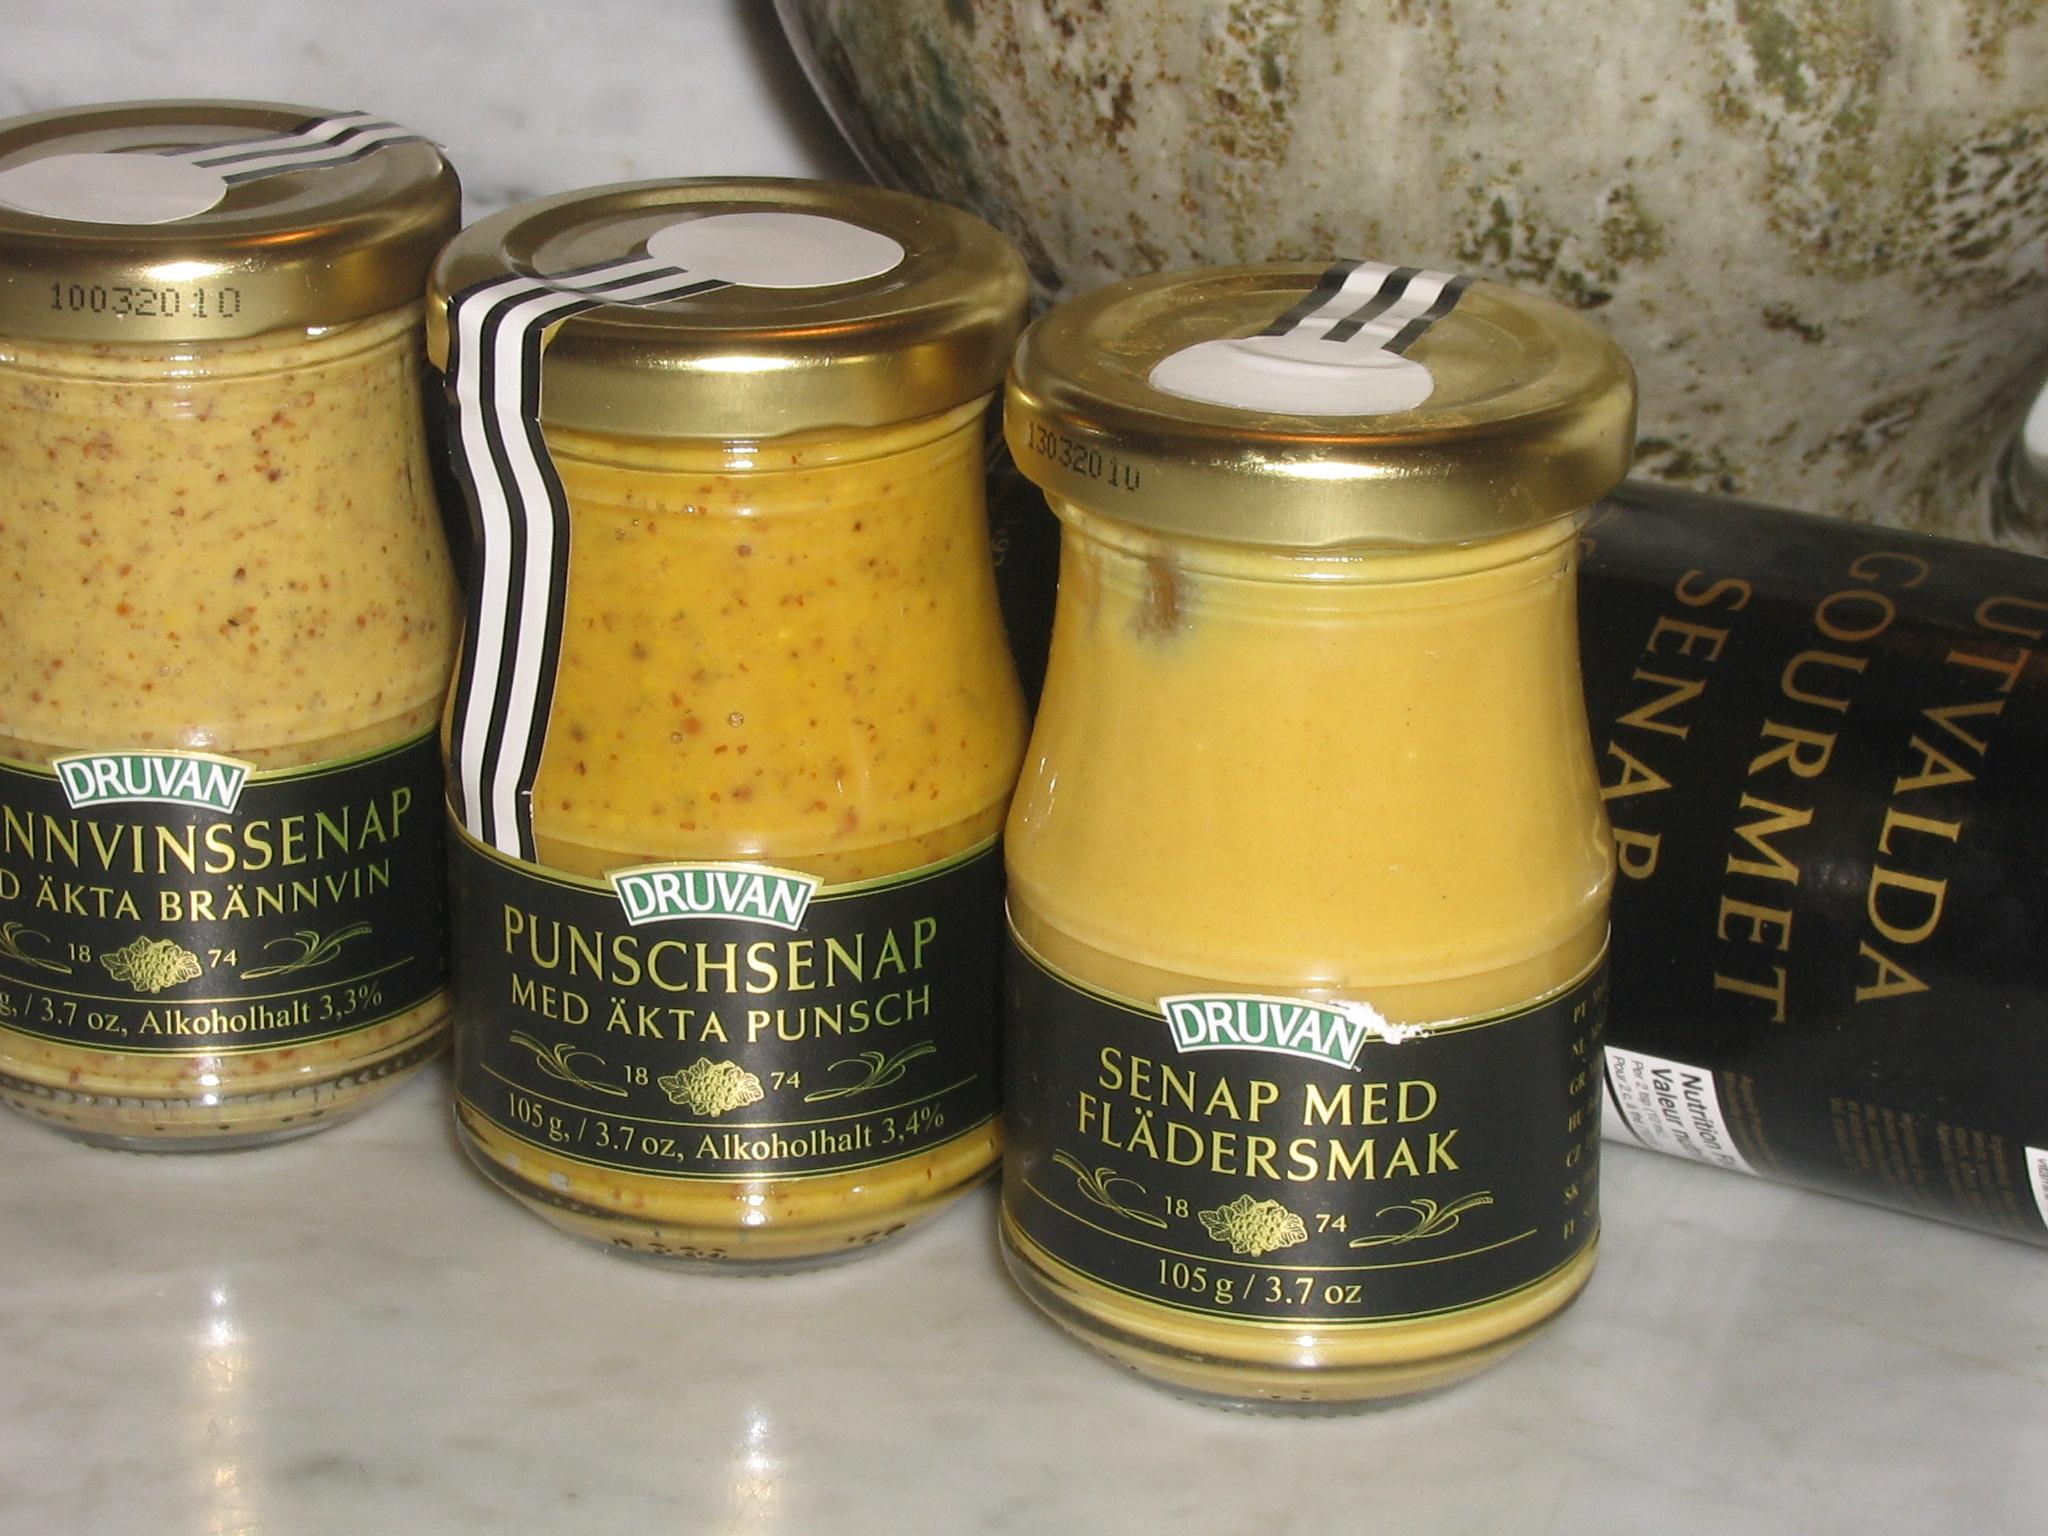 Druvans  utvalda Gourmet-senap